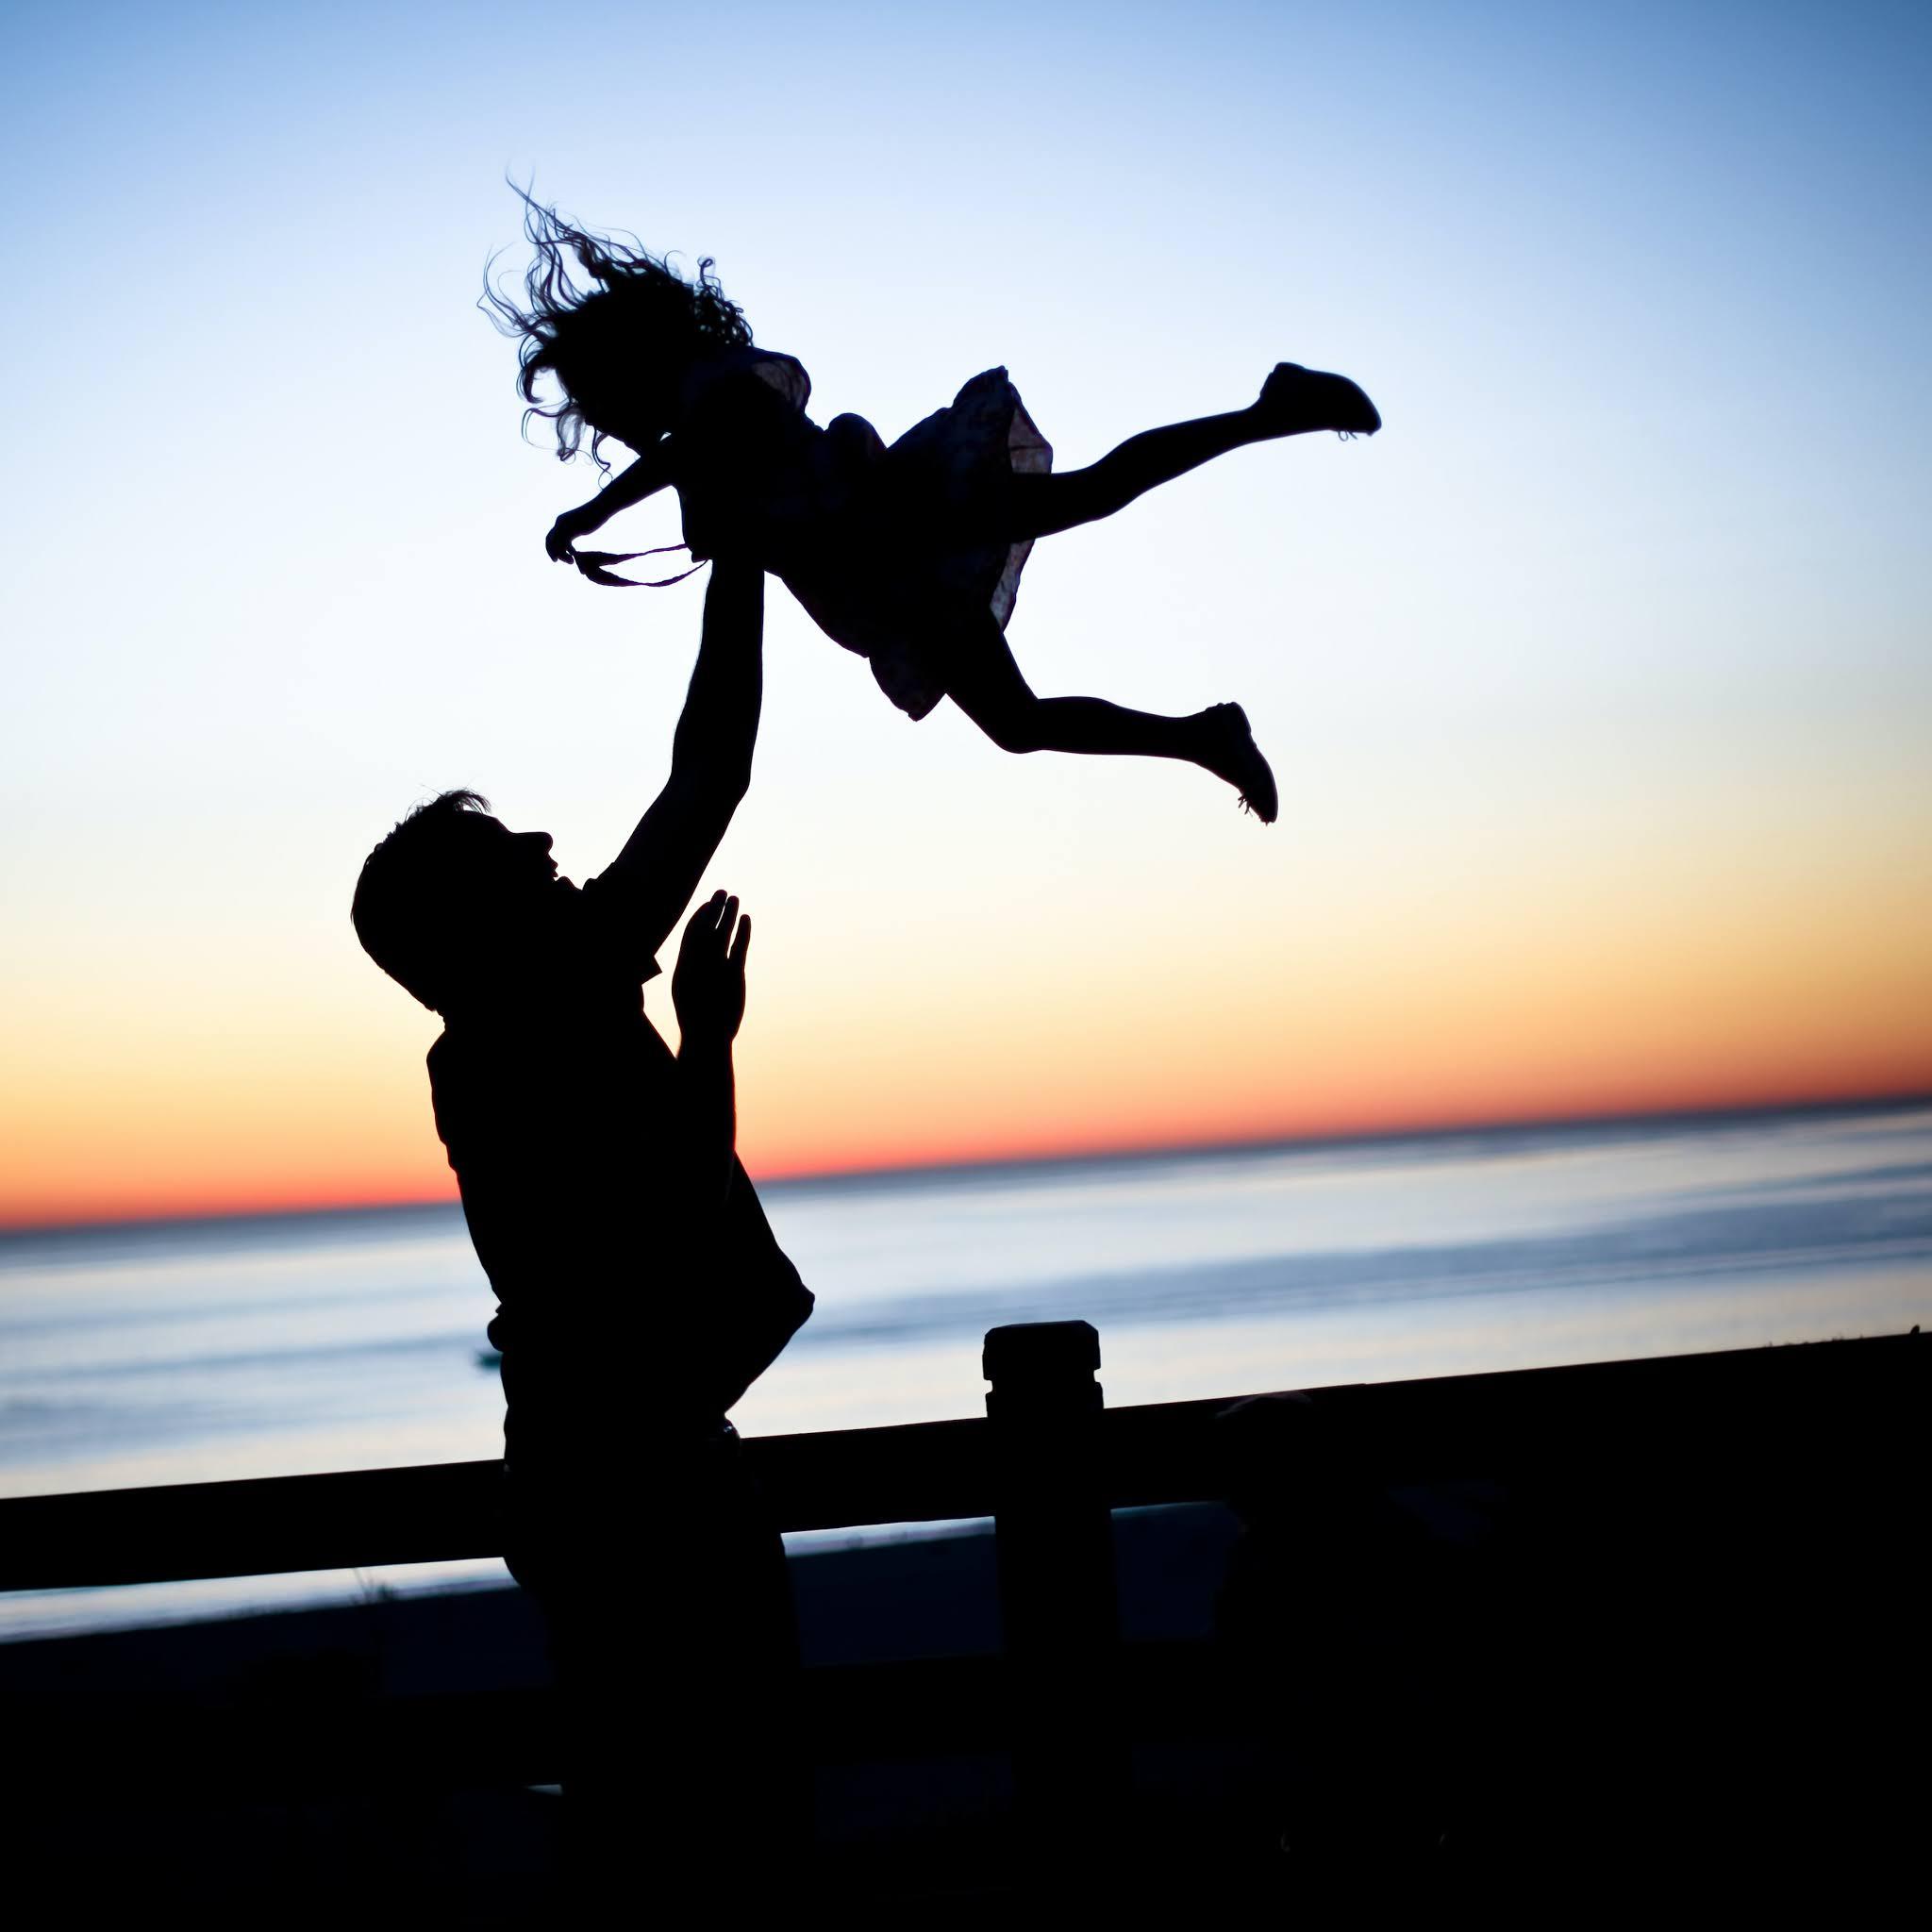 صورة في وقت الغروب لأب يحمل ابنته ويرفعها في الهواء كأنها تطير